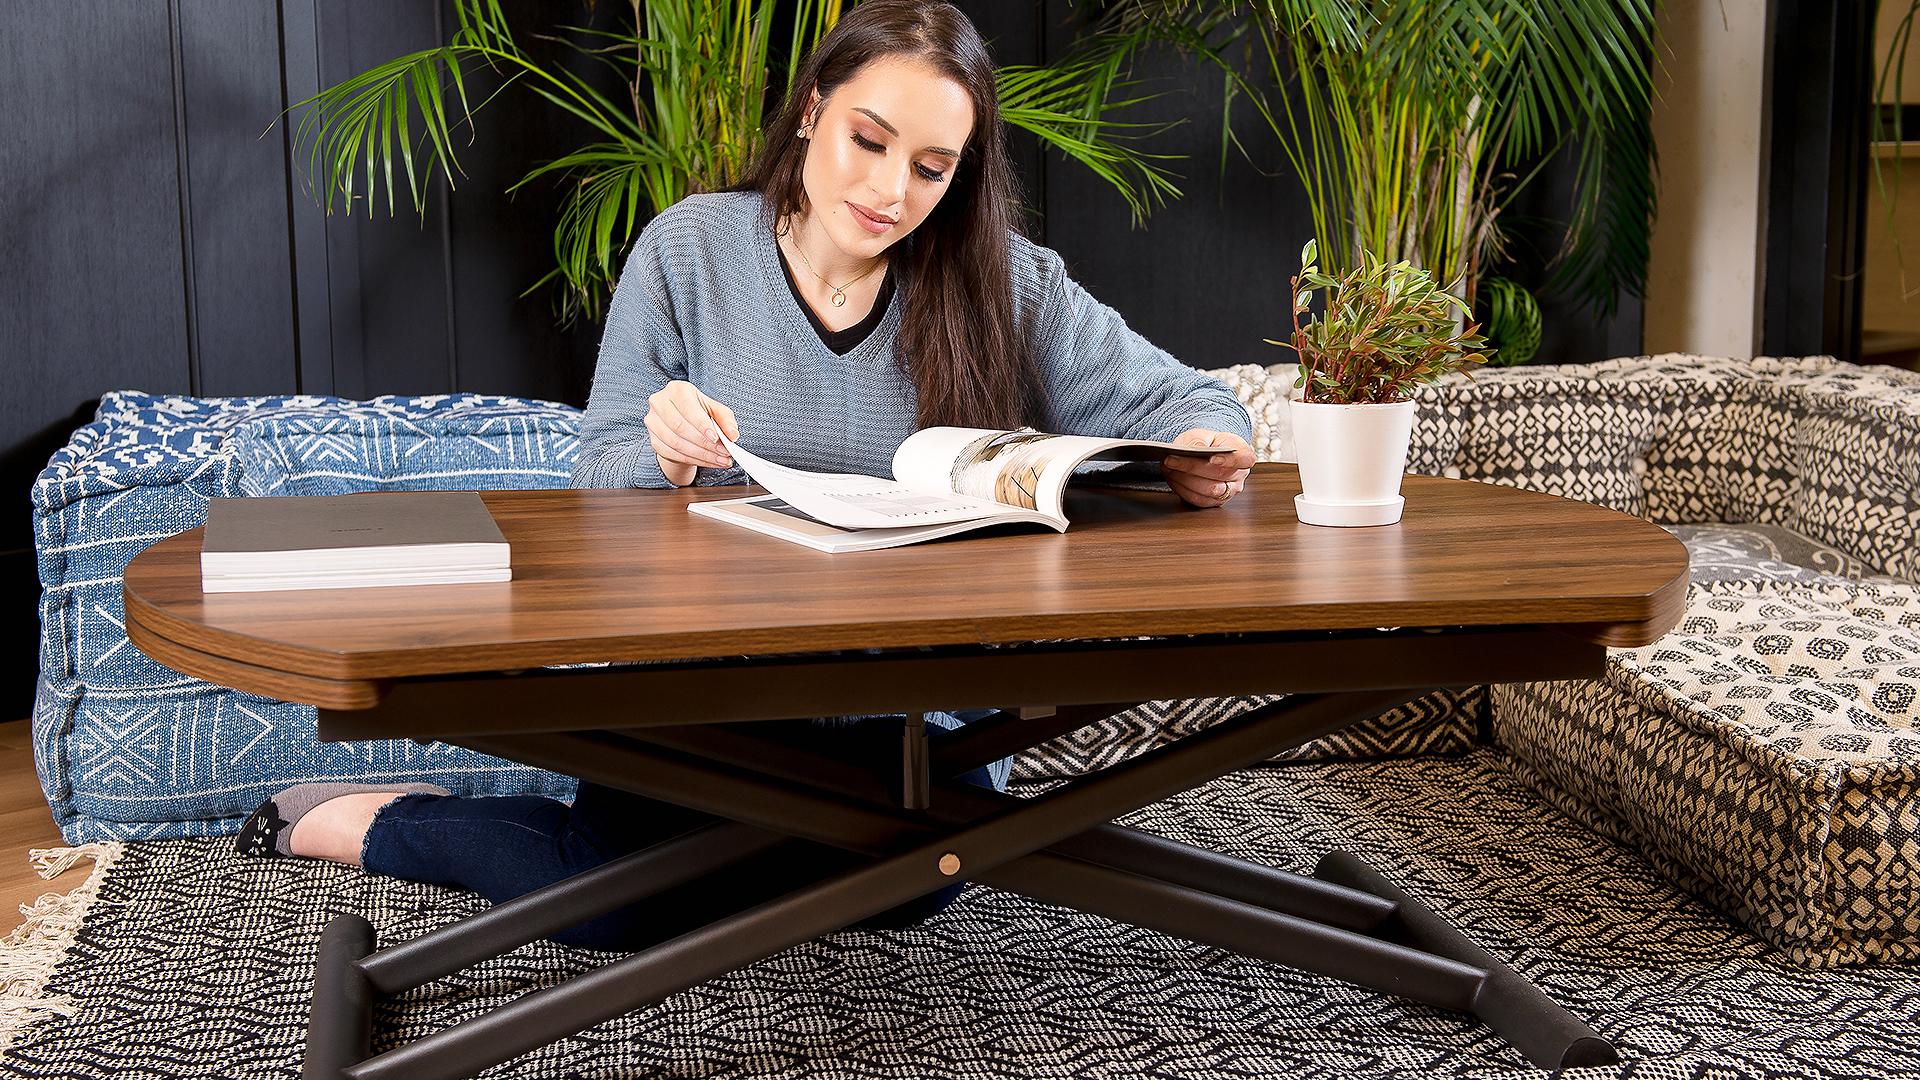 昇降付きのテーブルのお勧めの理由の画像、カーペットやフローリングで直で座り使う時の画像